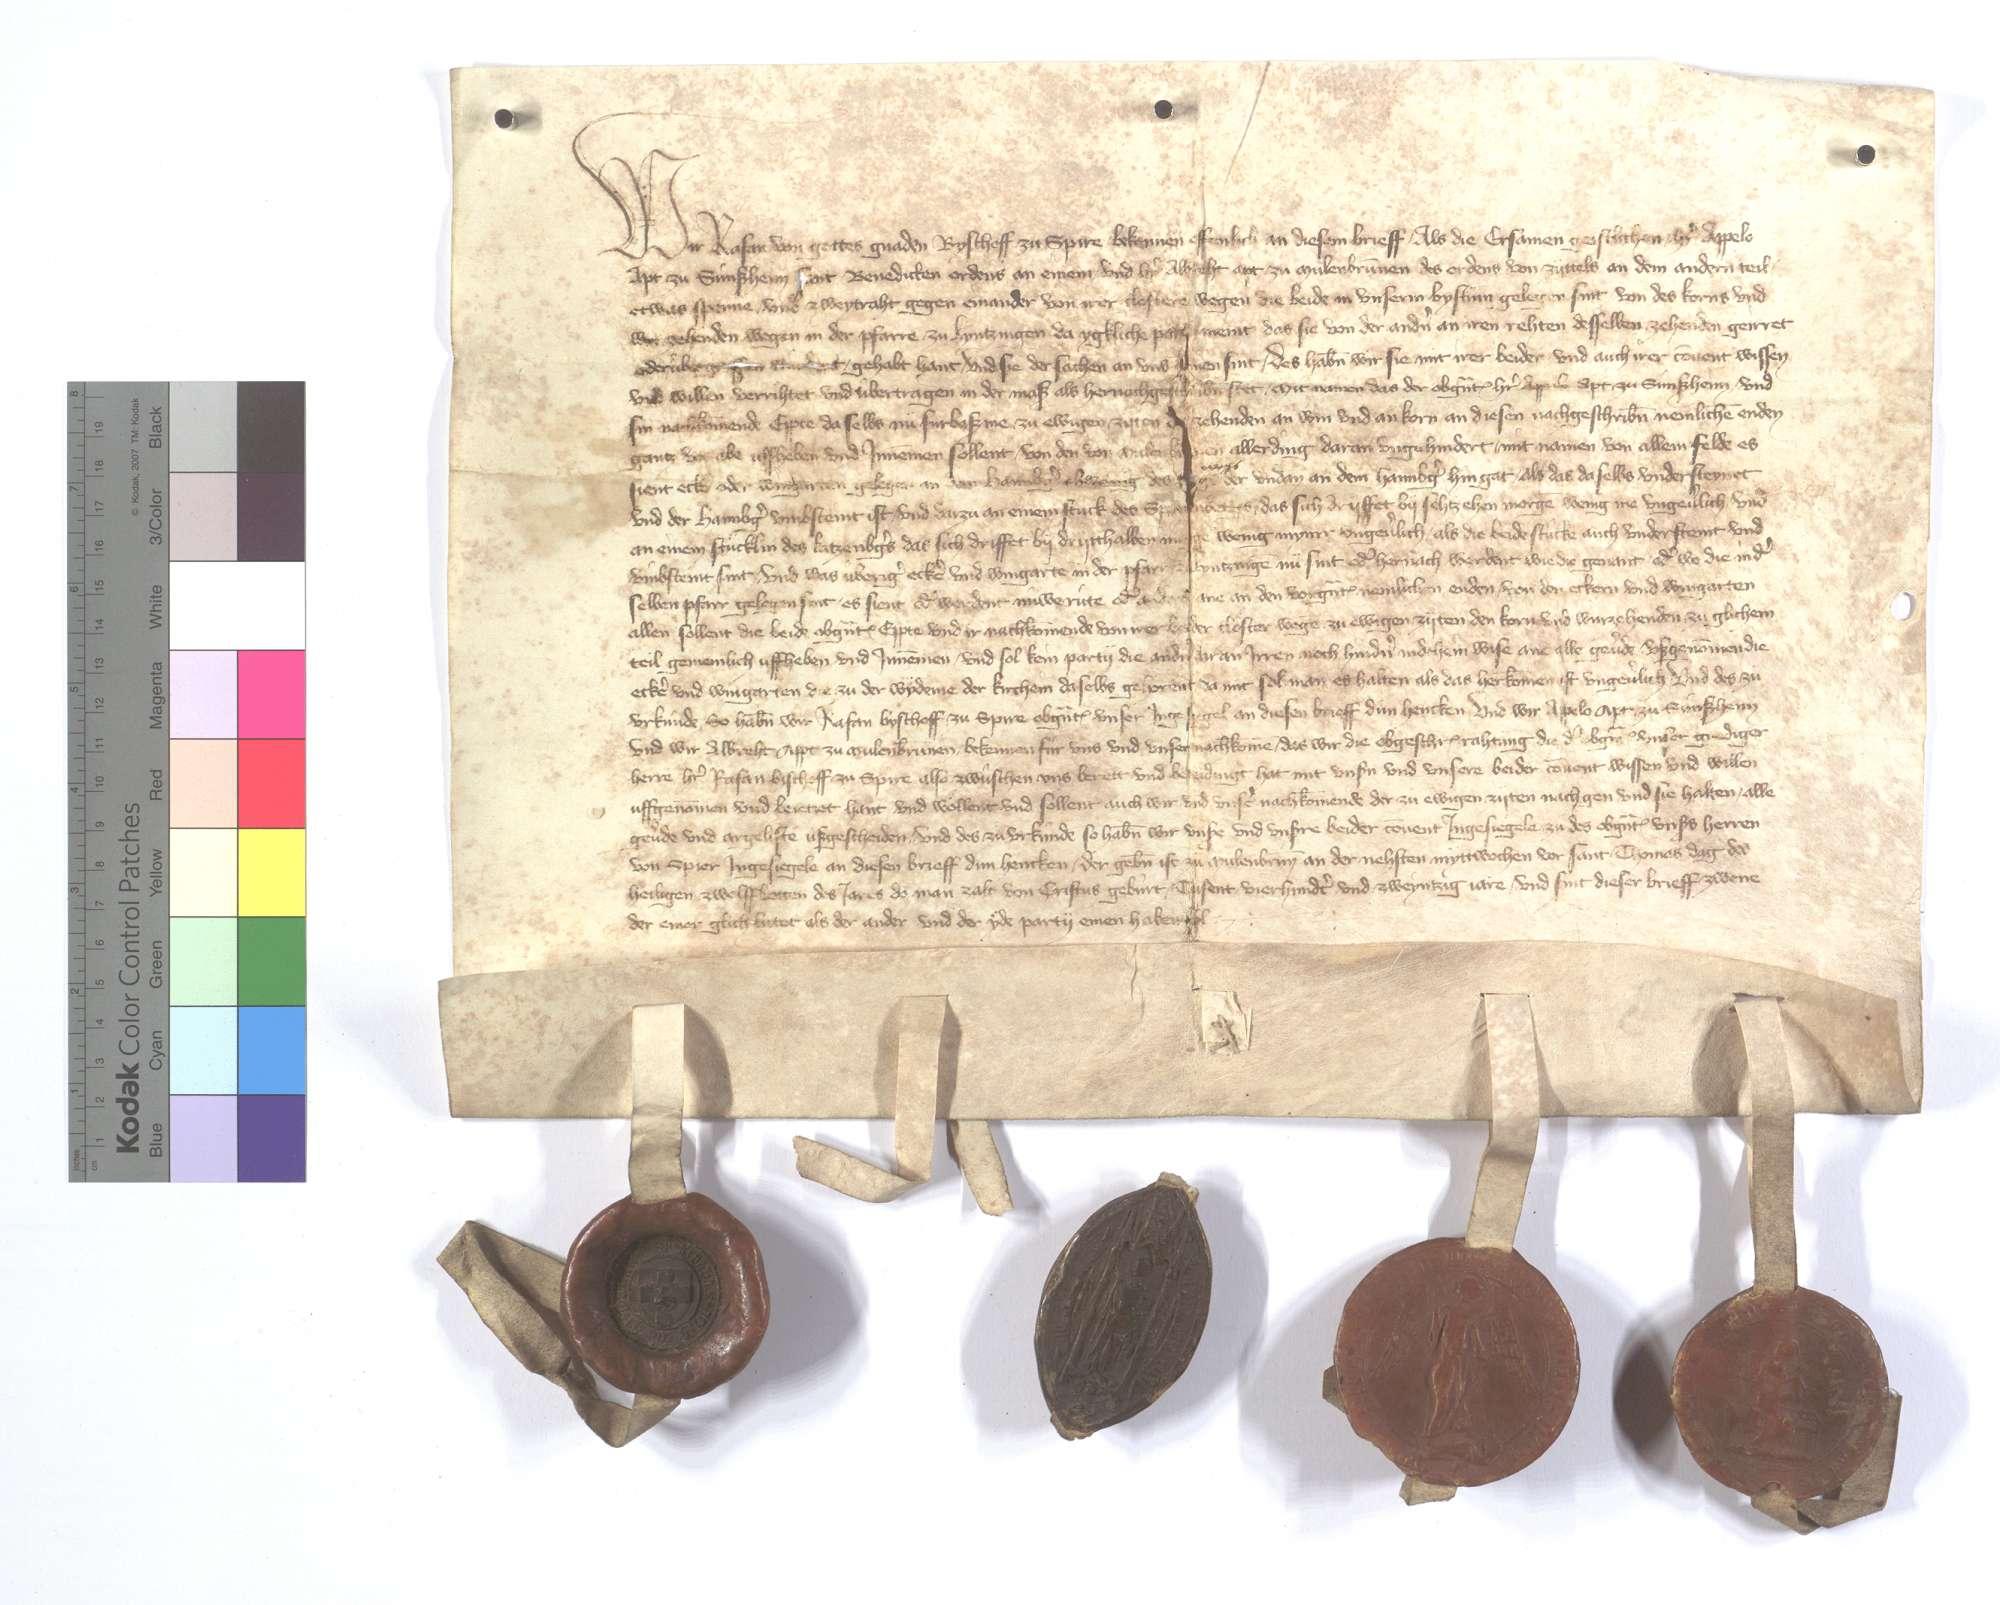 Bischöflich Speyrischer Vertrag zwischen den beiden Äbten von Sinsheim (Sinßheim) und Maulbronn wegen des Korn- und Weinzehnten in Lienzingen (Lientzingen)., Text